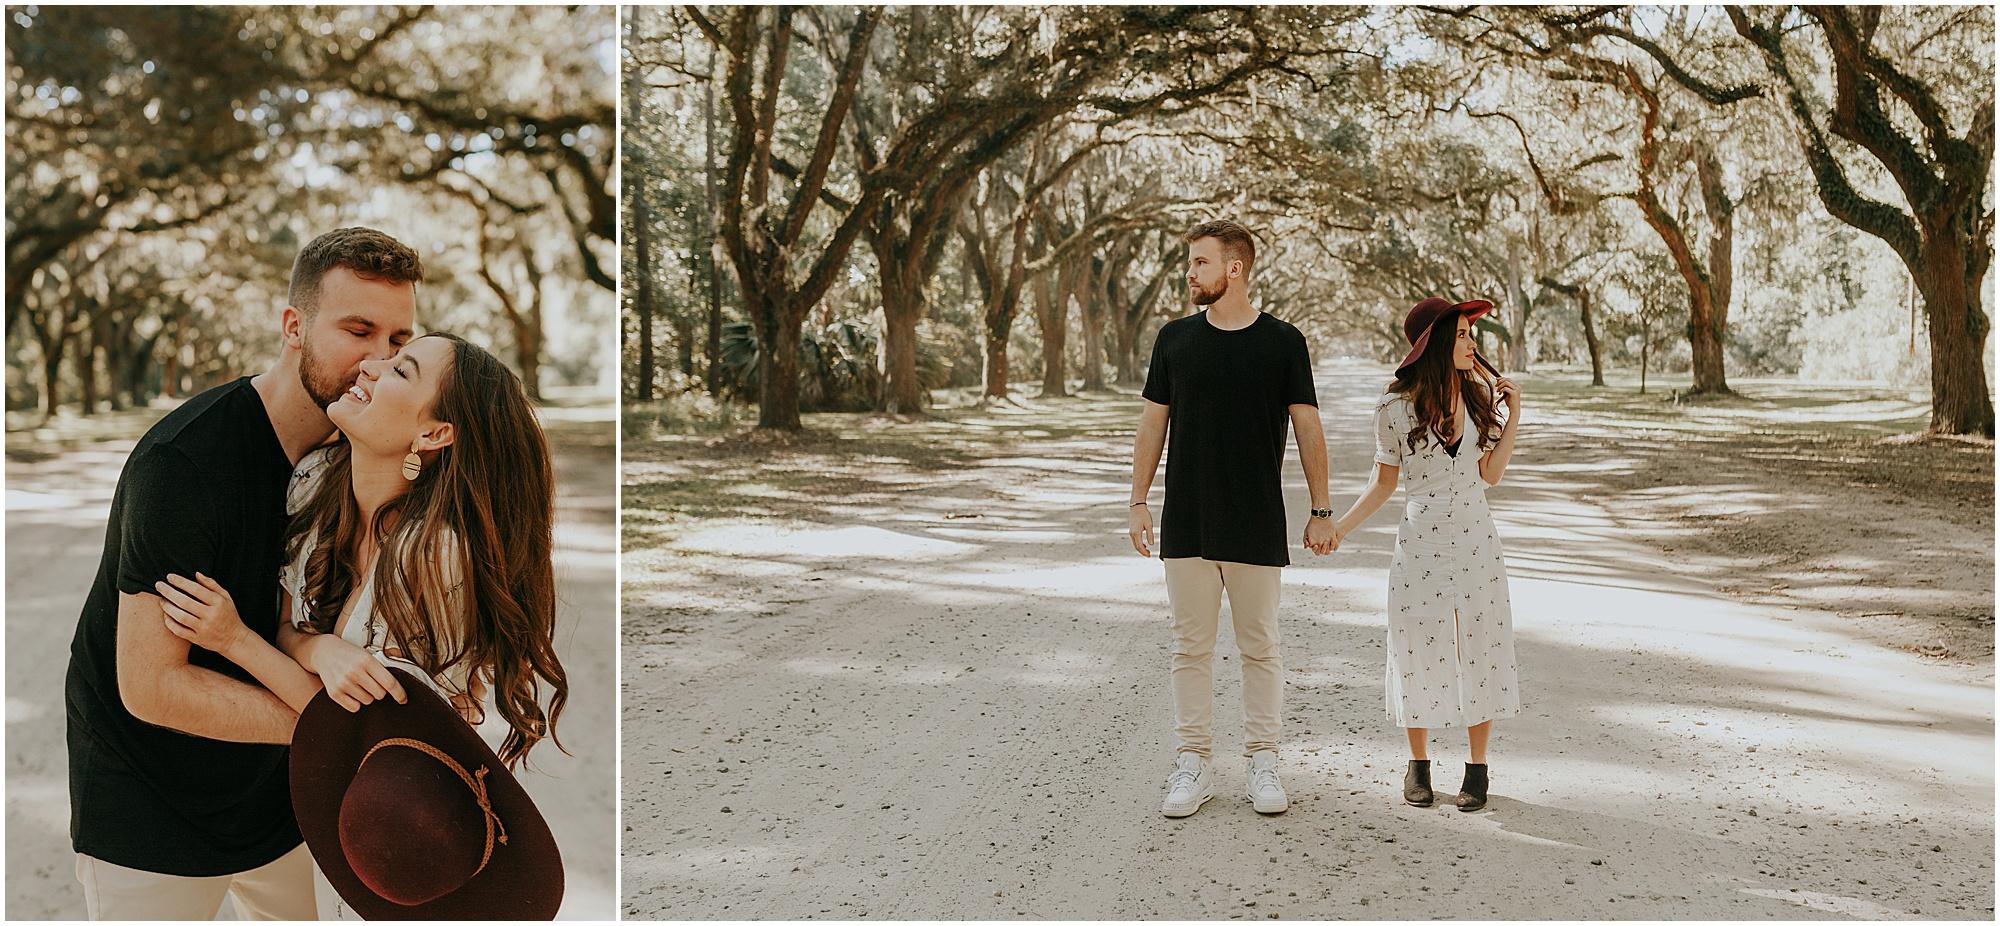 Savannah engagement photos